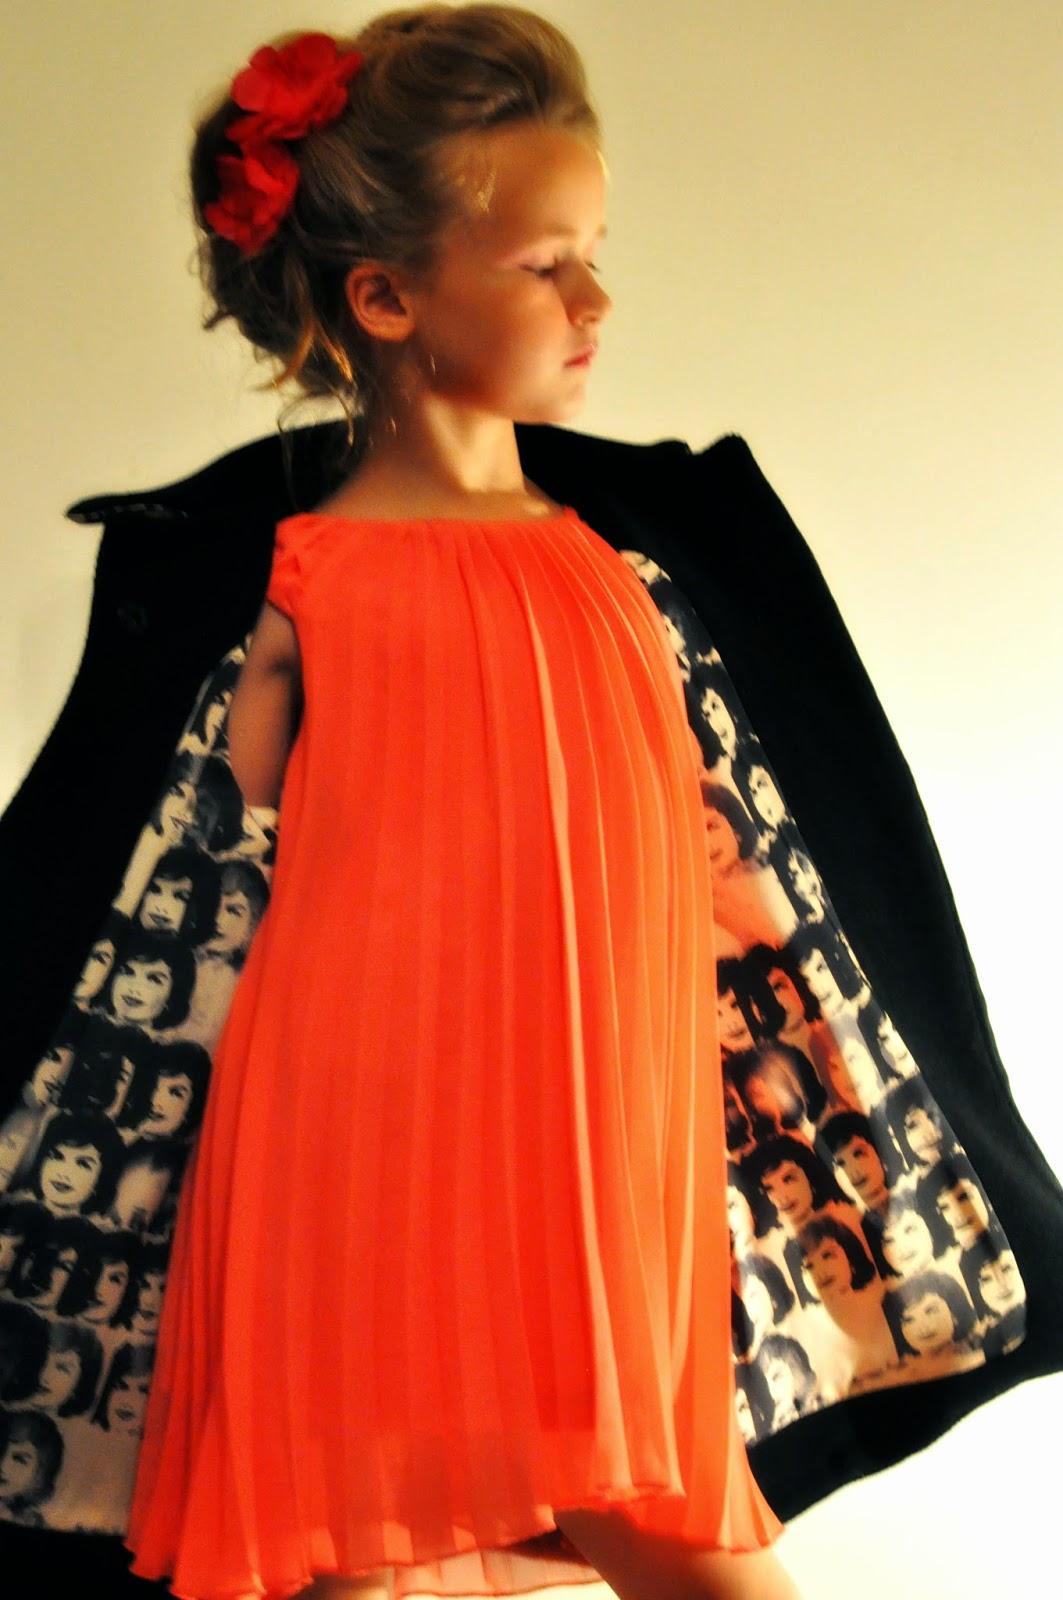 Jackie jas Iene Miene naaien sewing kindermode DIY kinderkleding